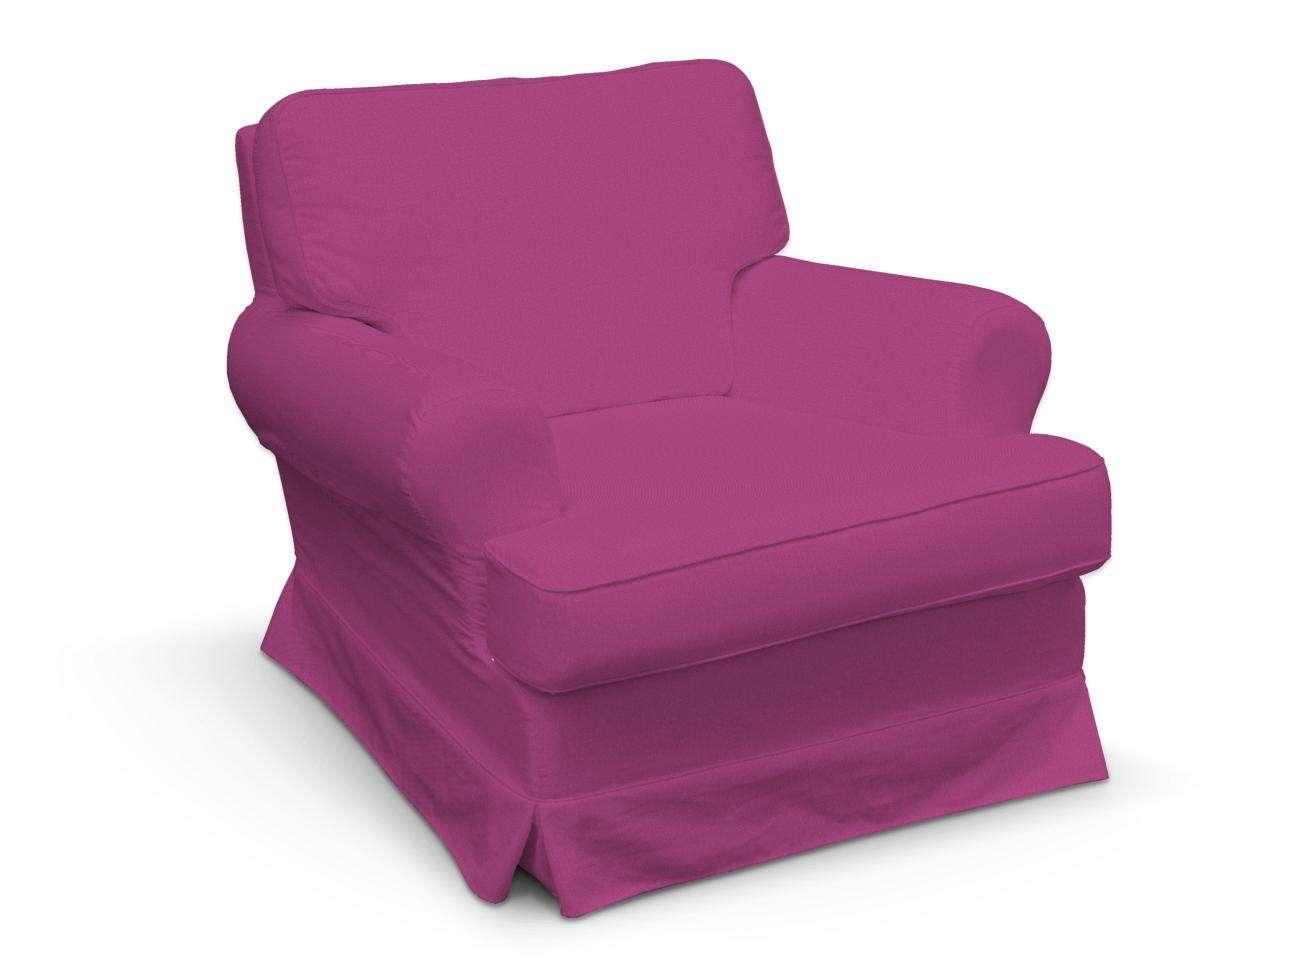 Pokrowiec na fotel Barkaby w kolekcji Etna, tkanina: 705-23